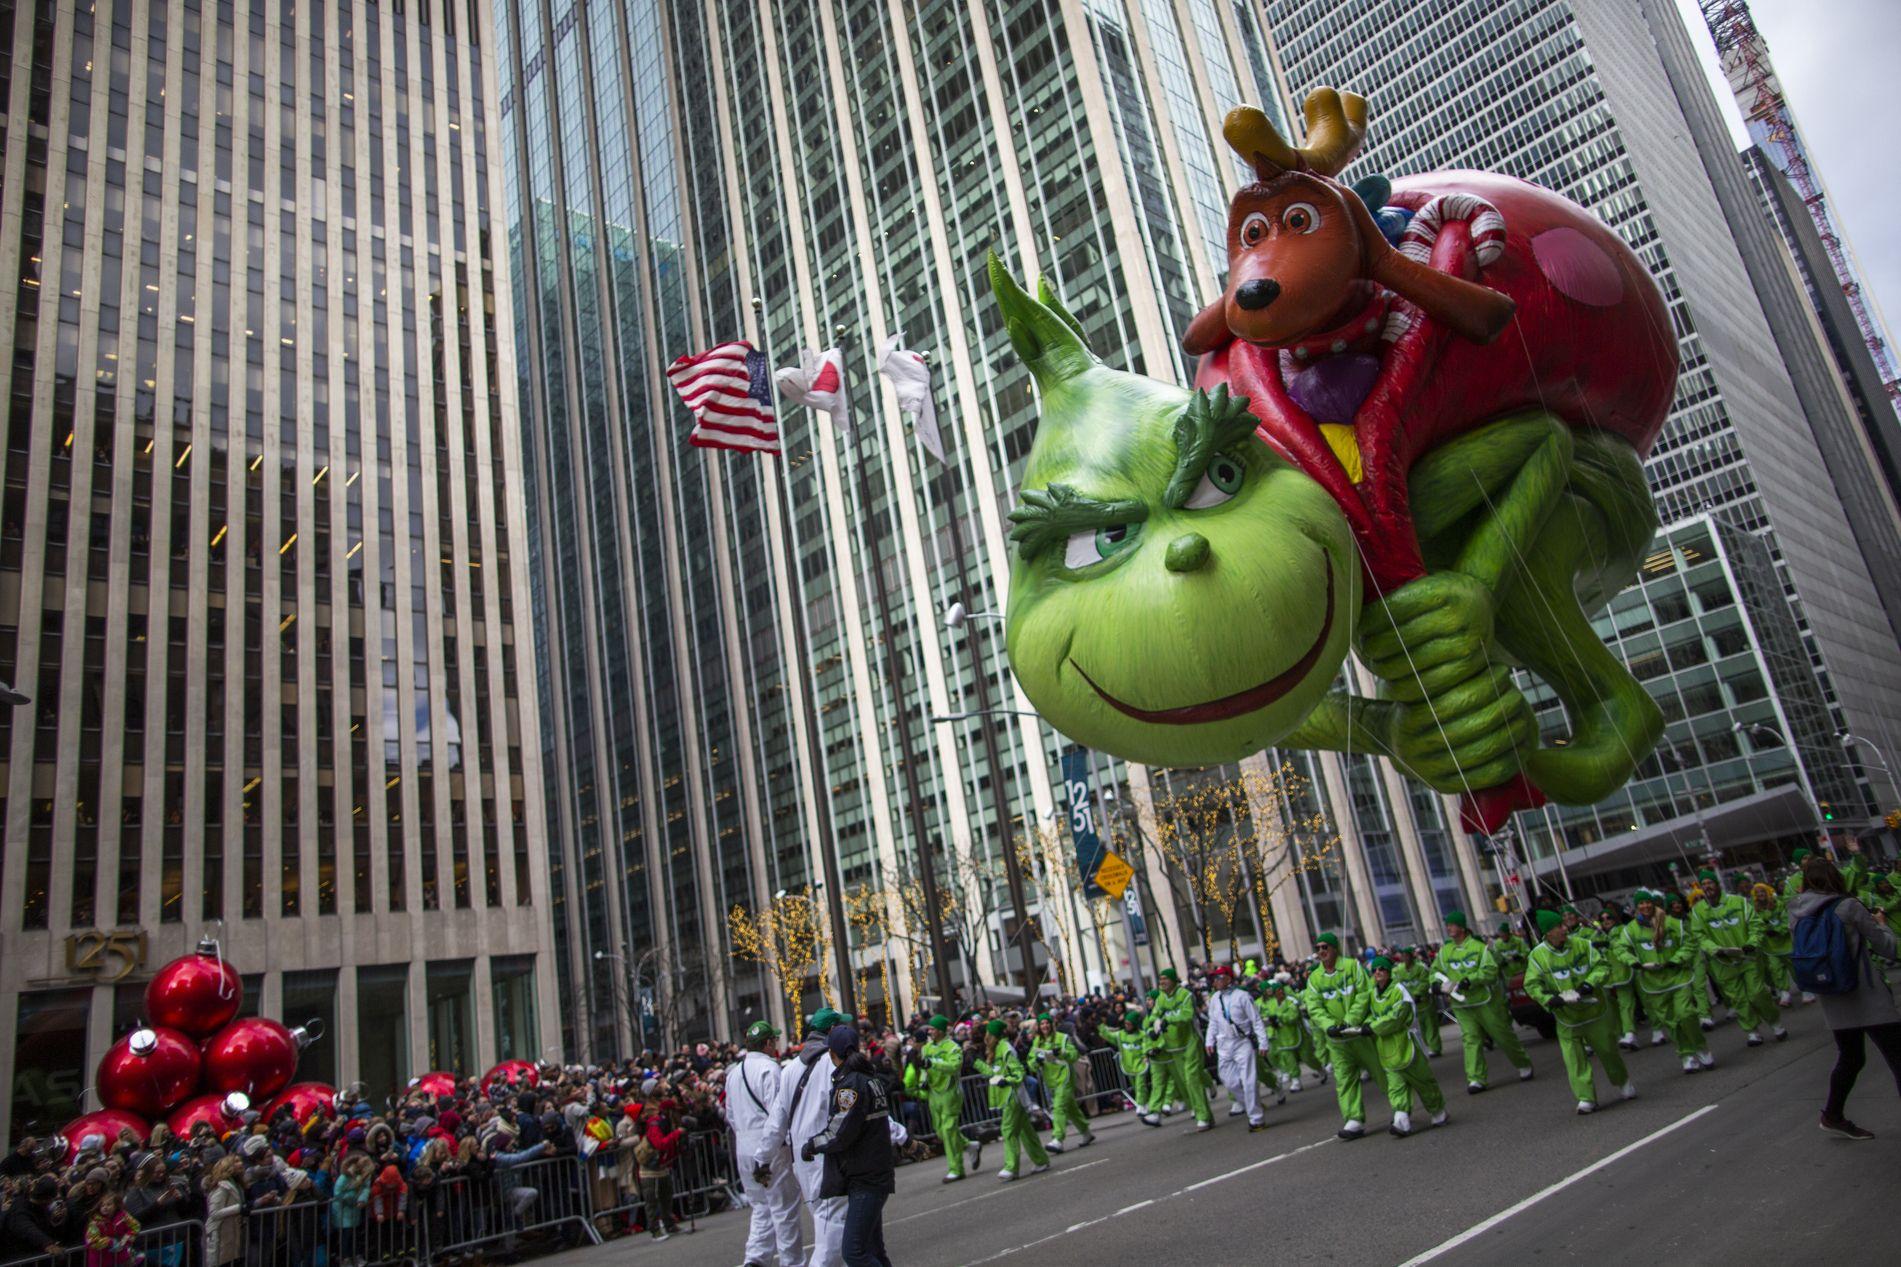 desfile de accion de gracias regresa a las calles de ny